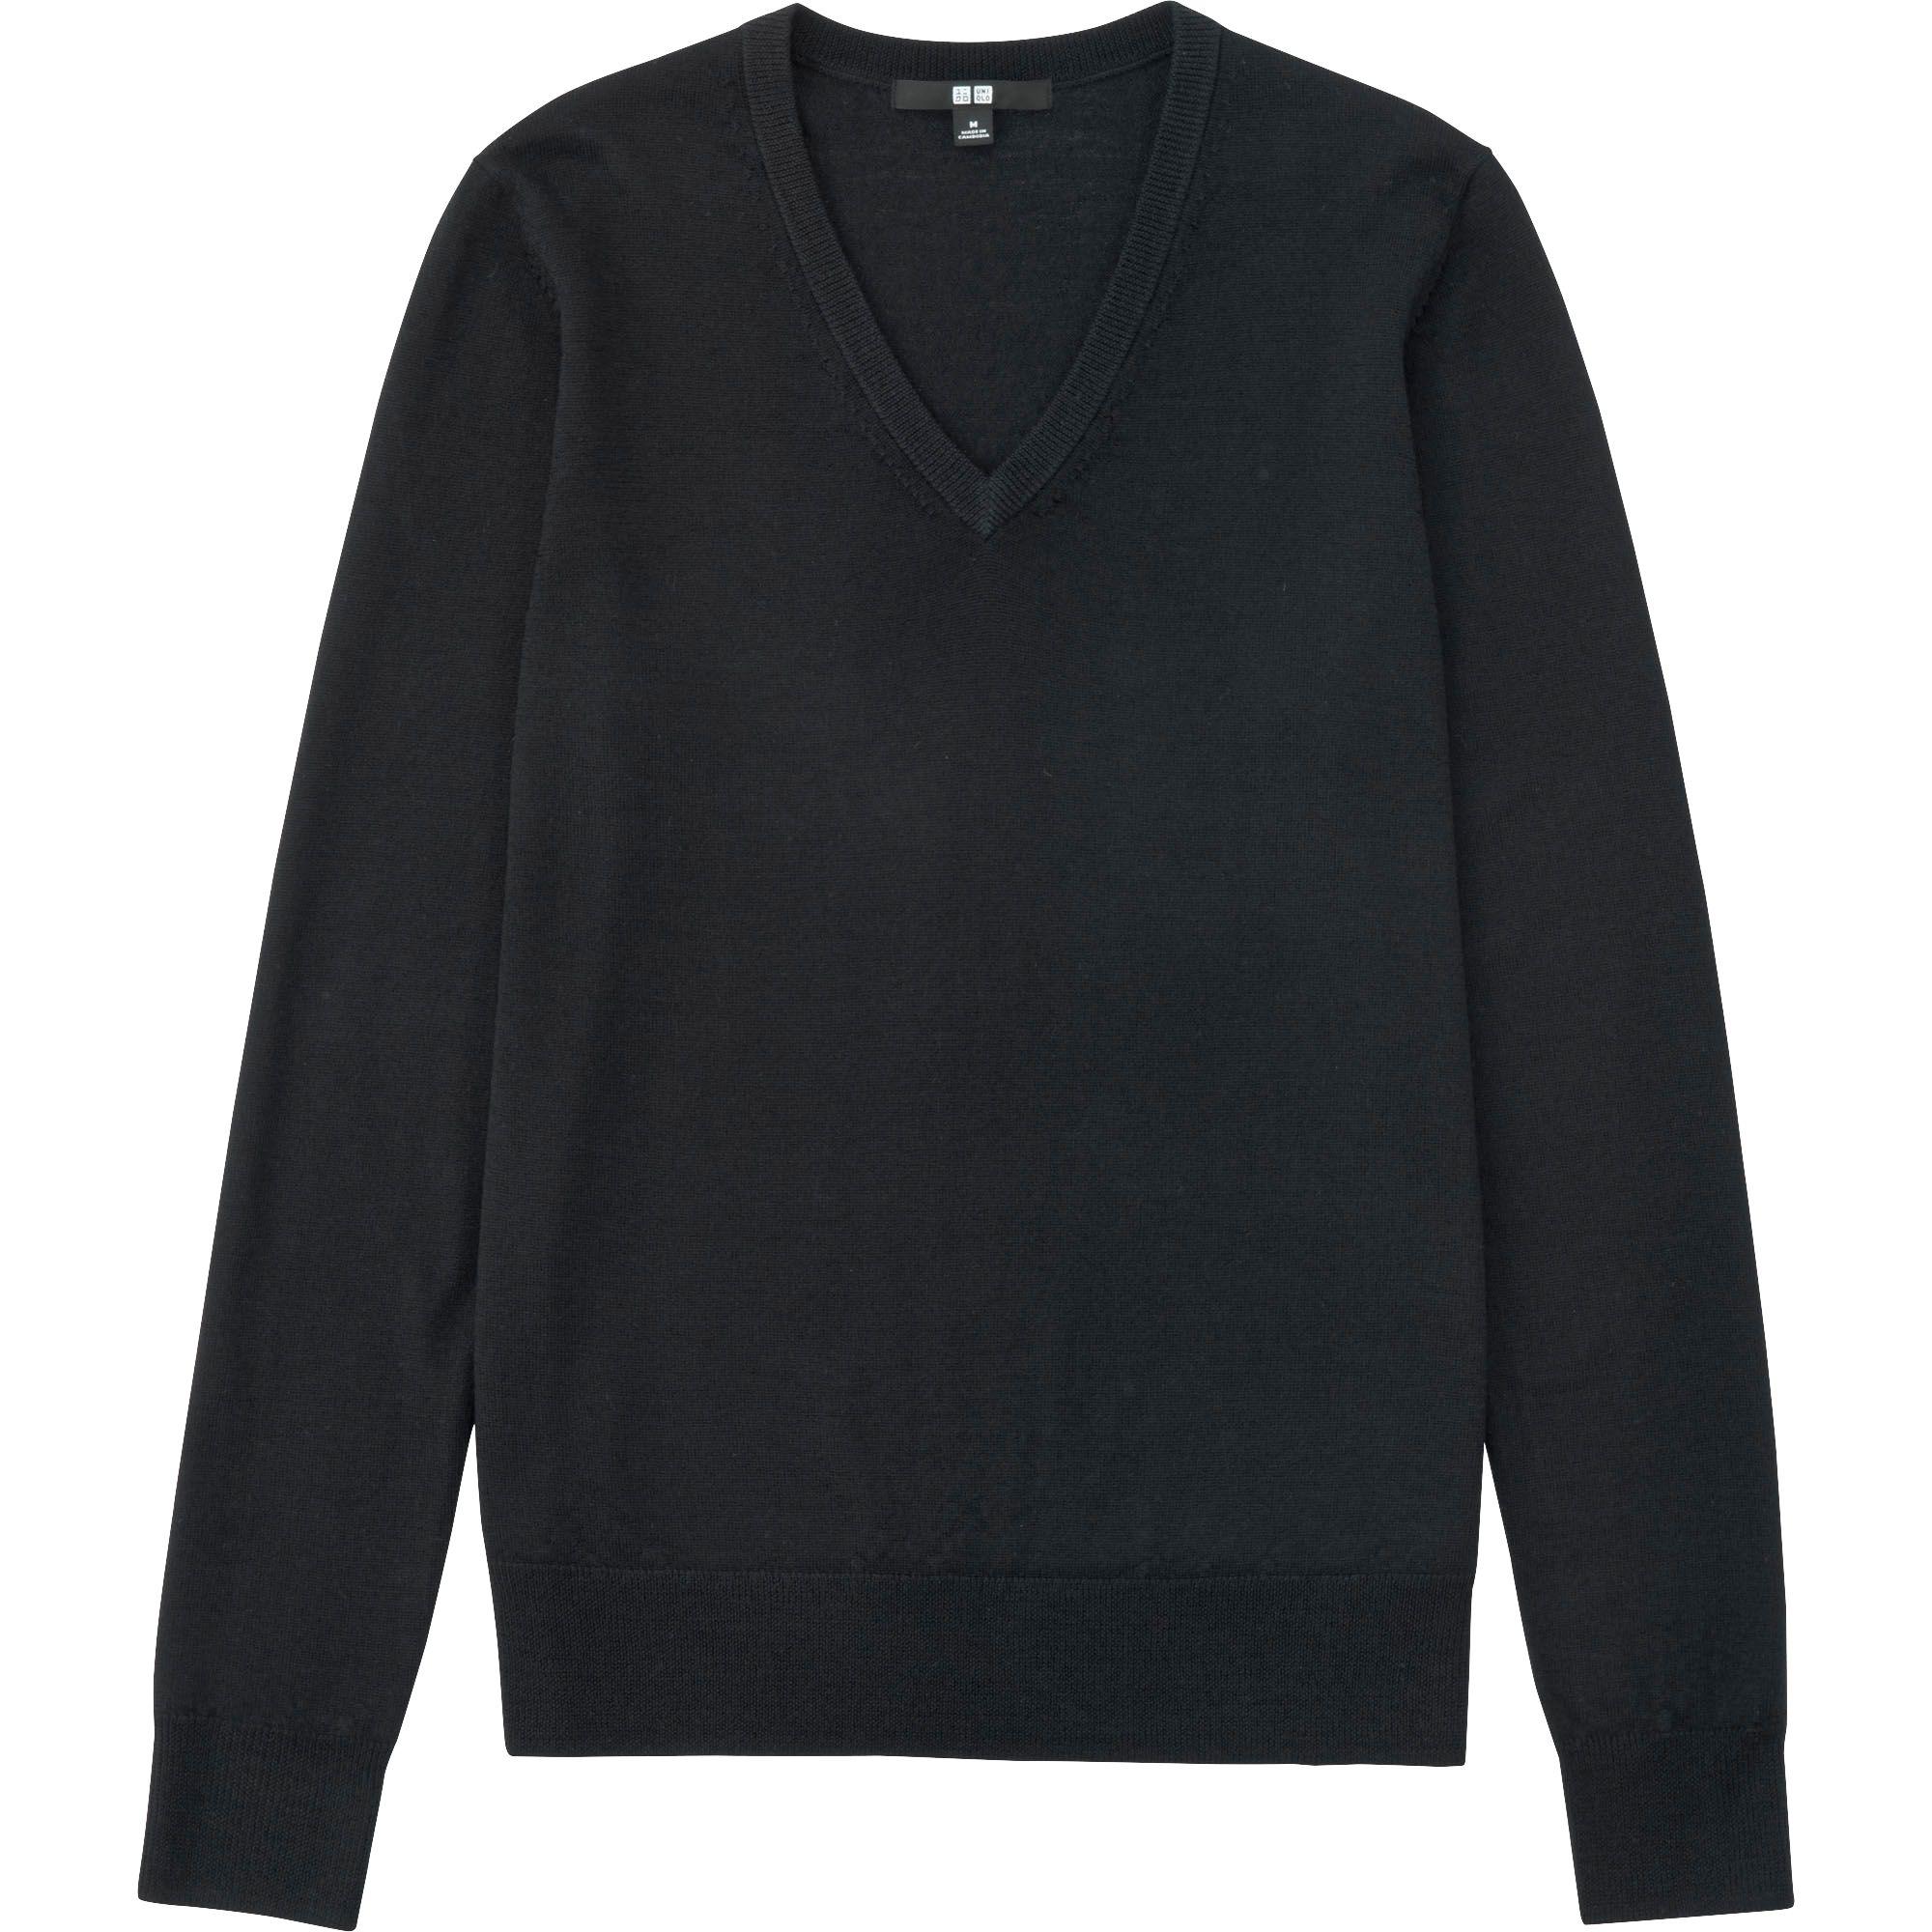 Uniqlo Women Extra Fine Merino V Neck Sweater In Black Lyst